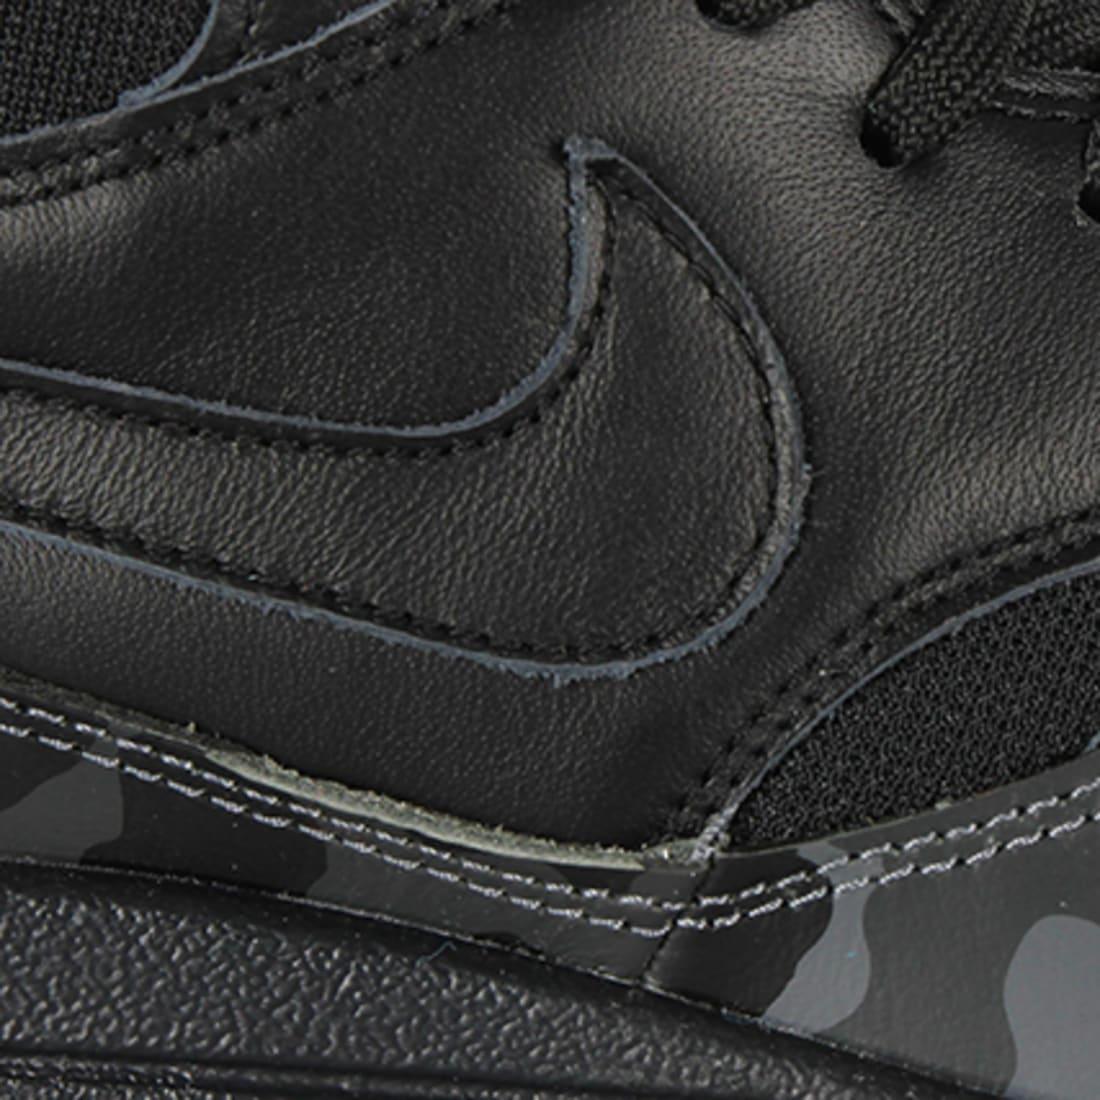 Nike Baskets Nike Air Max 1 Mid FB 001 Black Black Cool